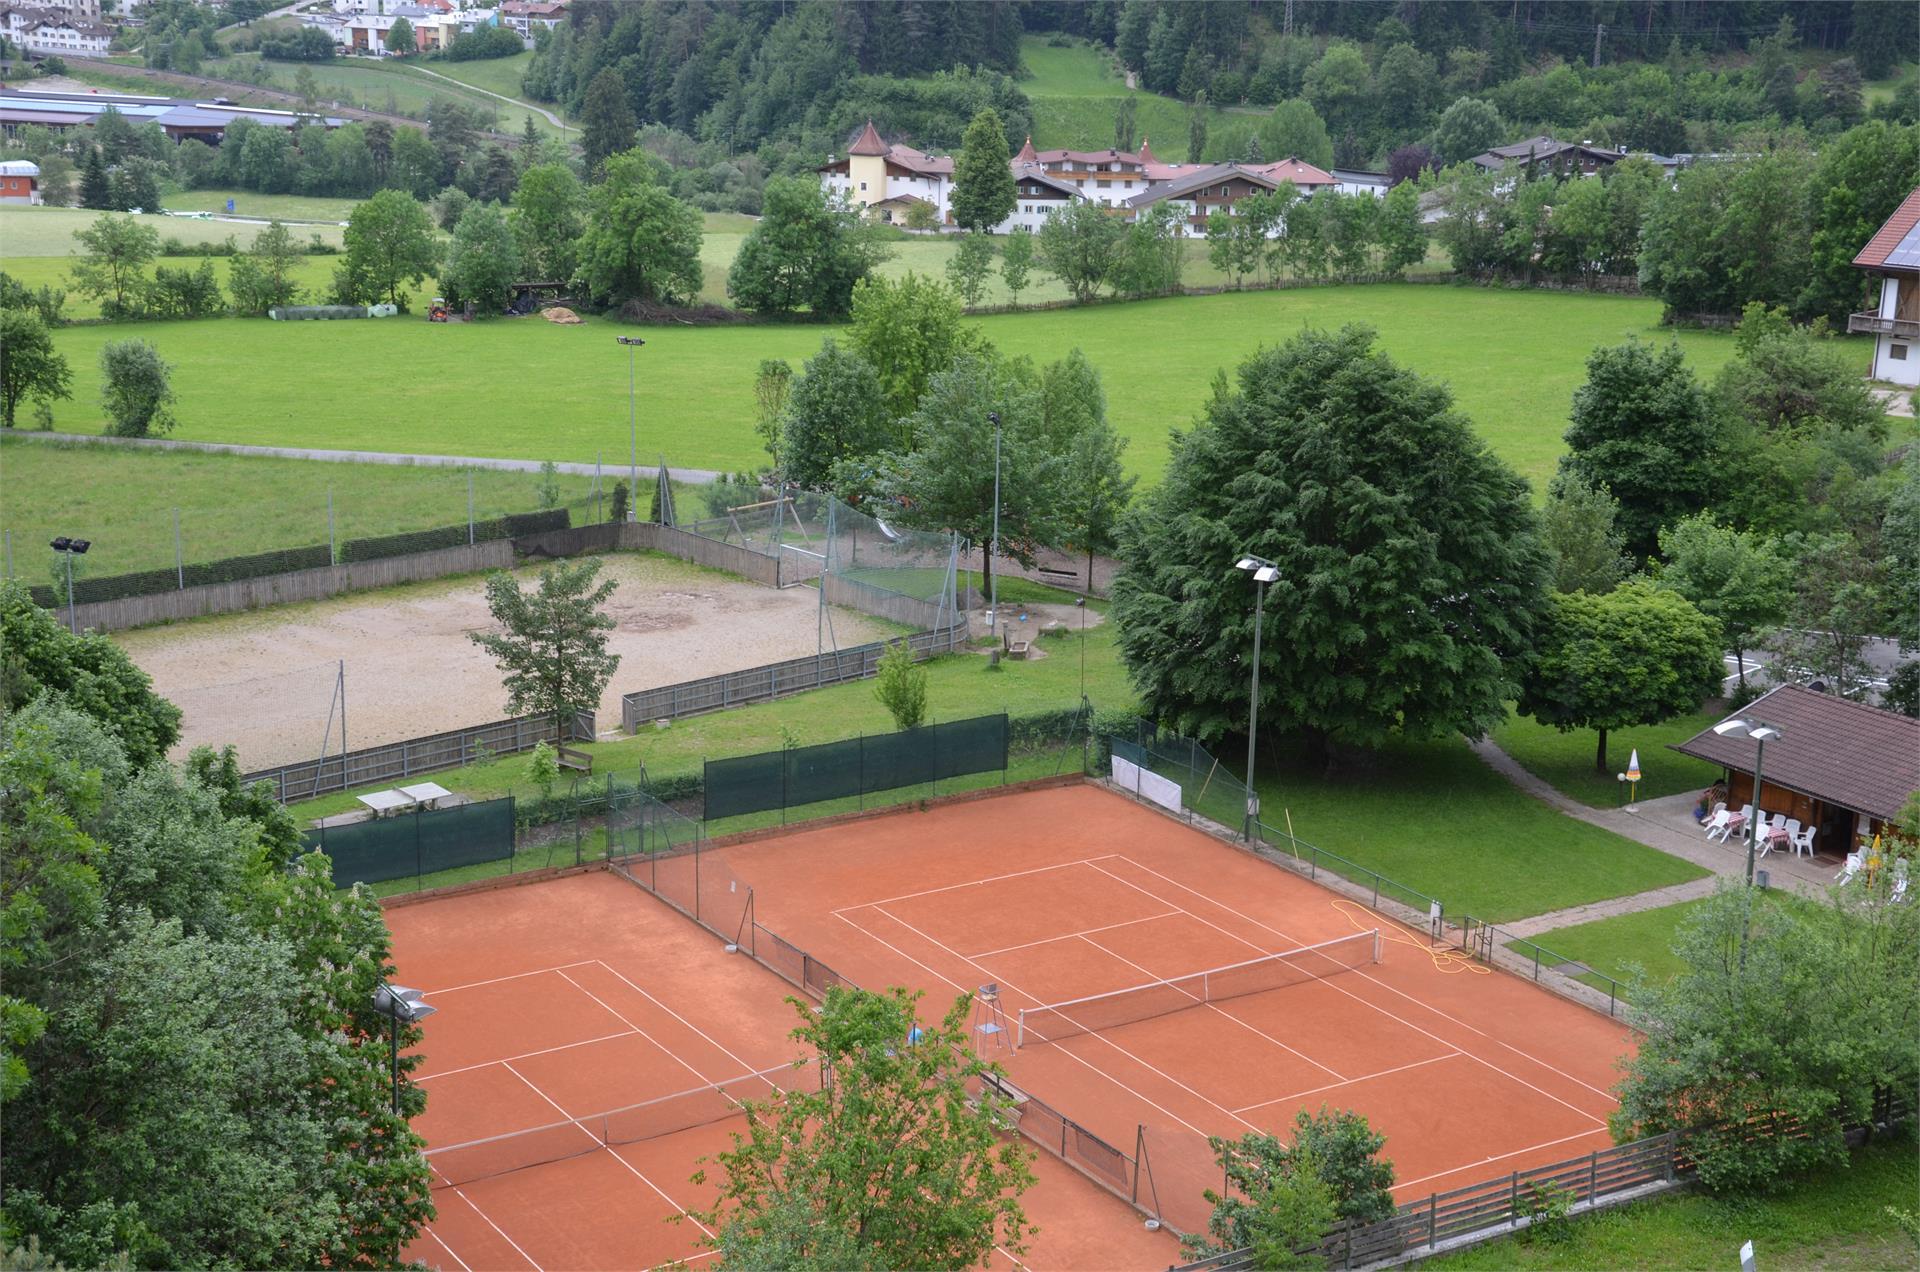 Tennisplatz Kiens